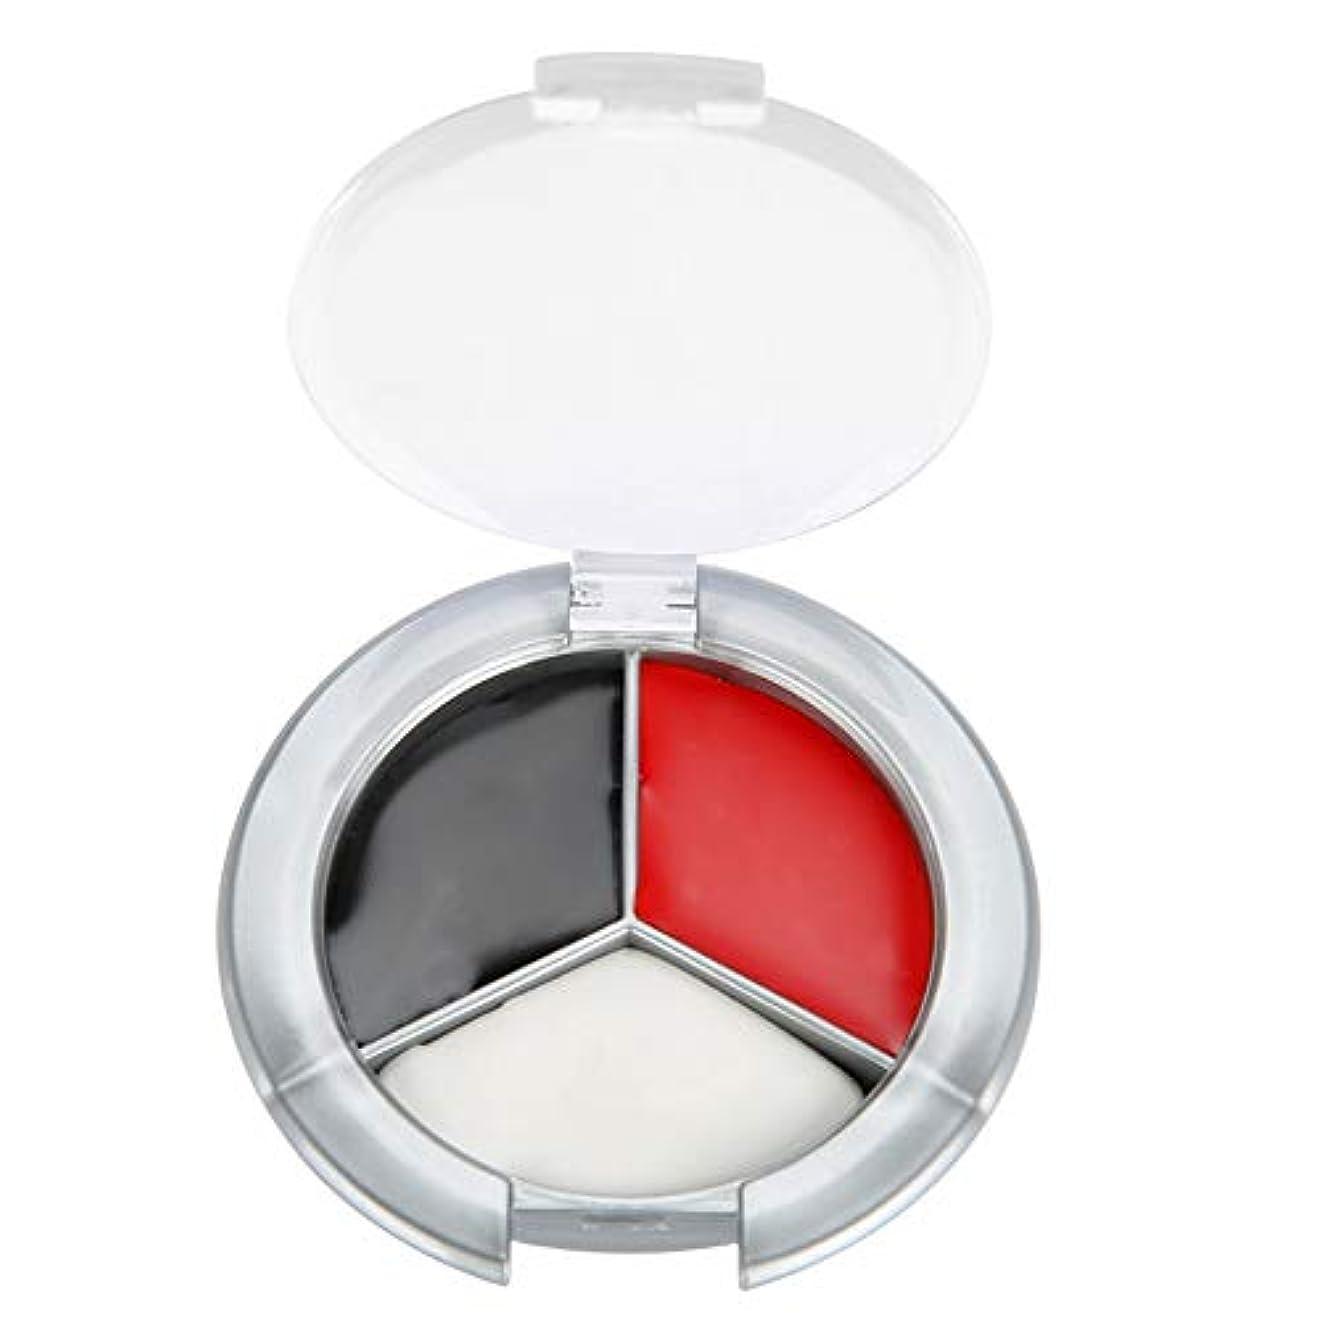 スキーム三角形ハロウィンメイクアップフェイスペイント油、3色プロフェッショナルフェイスボディペイント油絵アートイースターに最適、テーマパーティー、コスプレ、ファンシードレスボール、ステージパフォーマンス(赤、黒、白の3色ペイント)